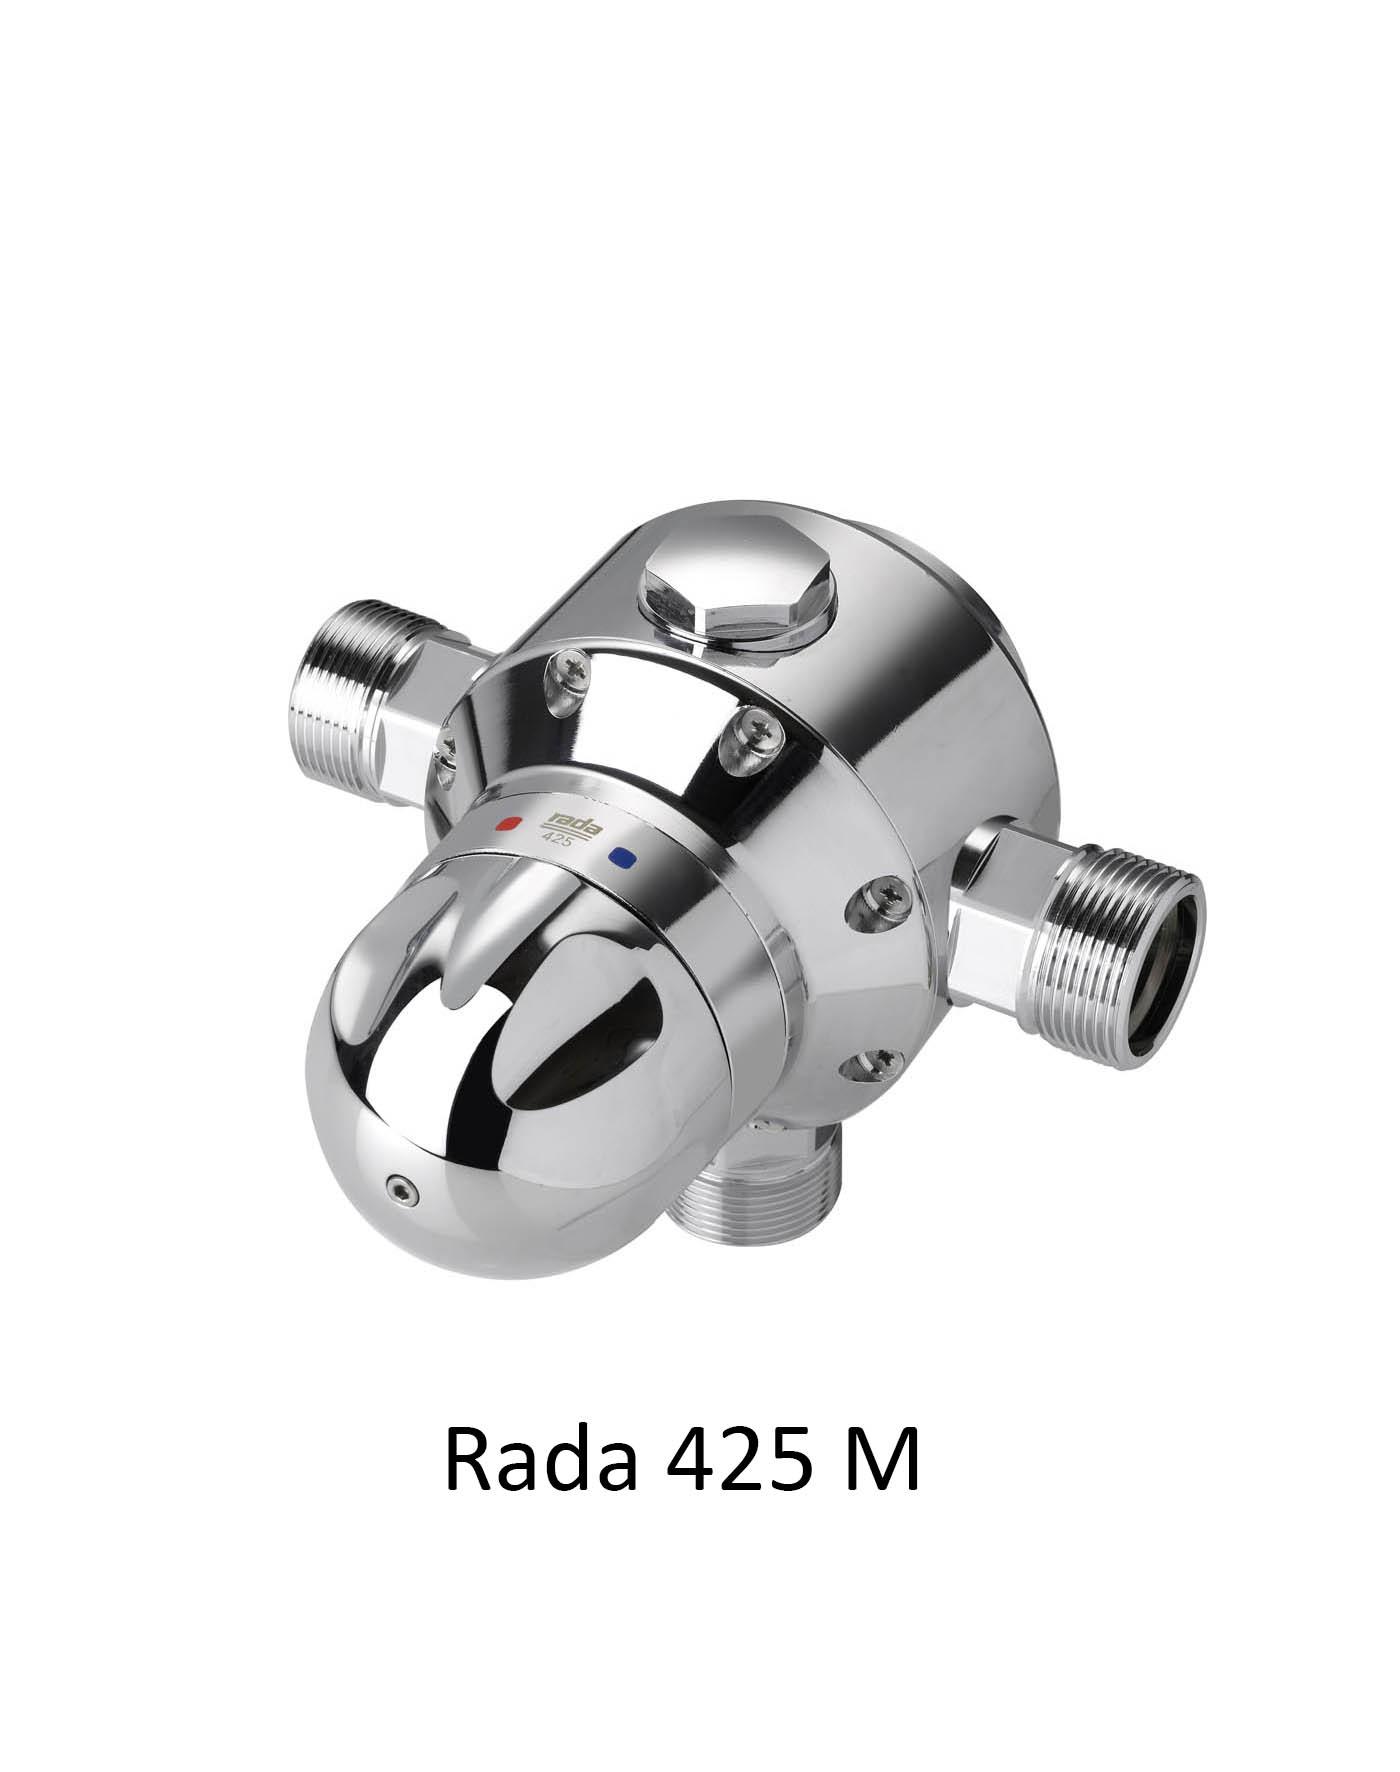 Centralblandare Heno Rada 425 M m. namn